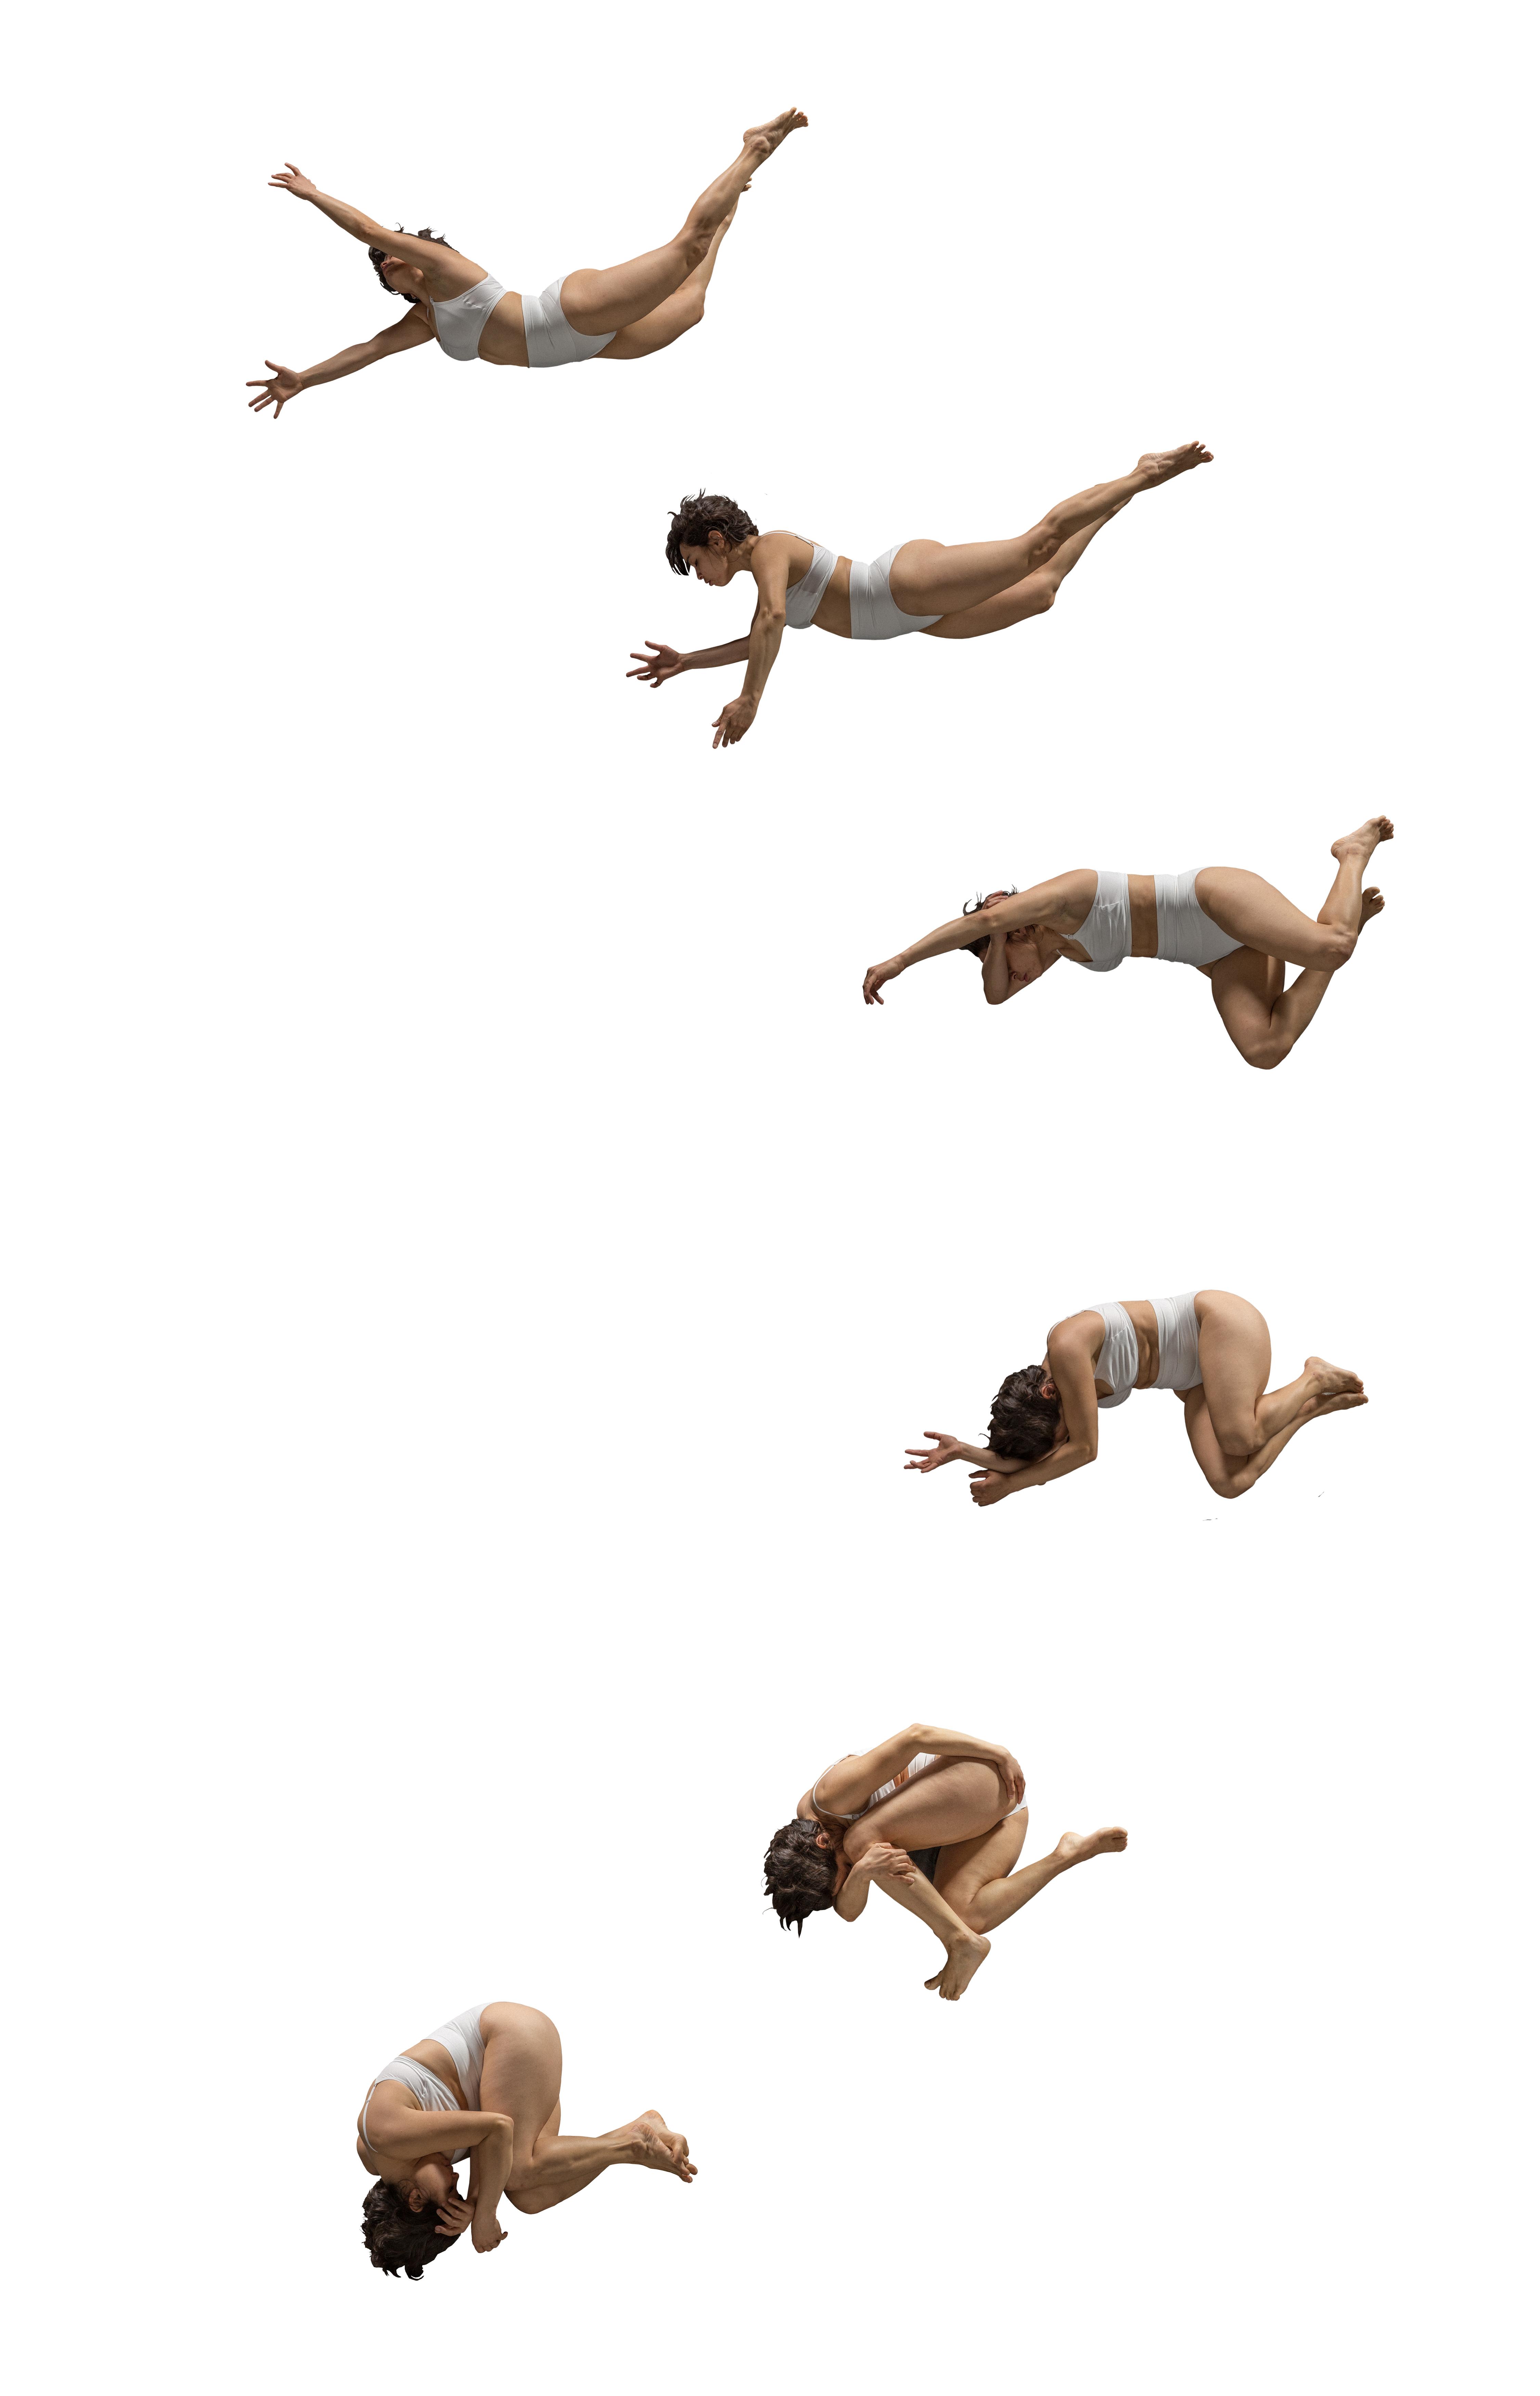 2017-04-17-Laetitia Arnaud-figure1-6 poses